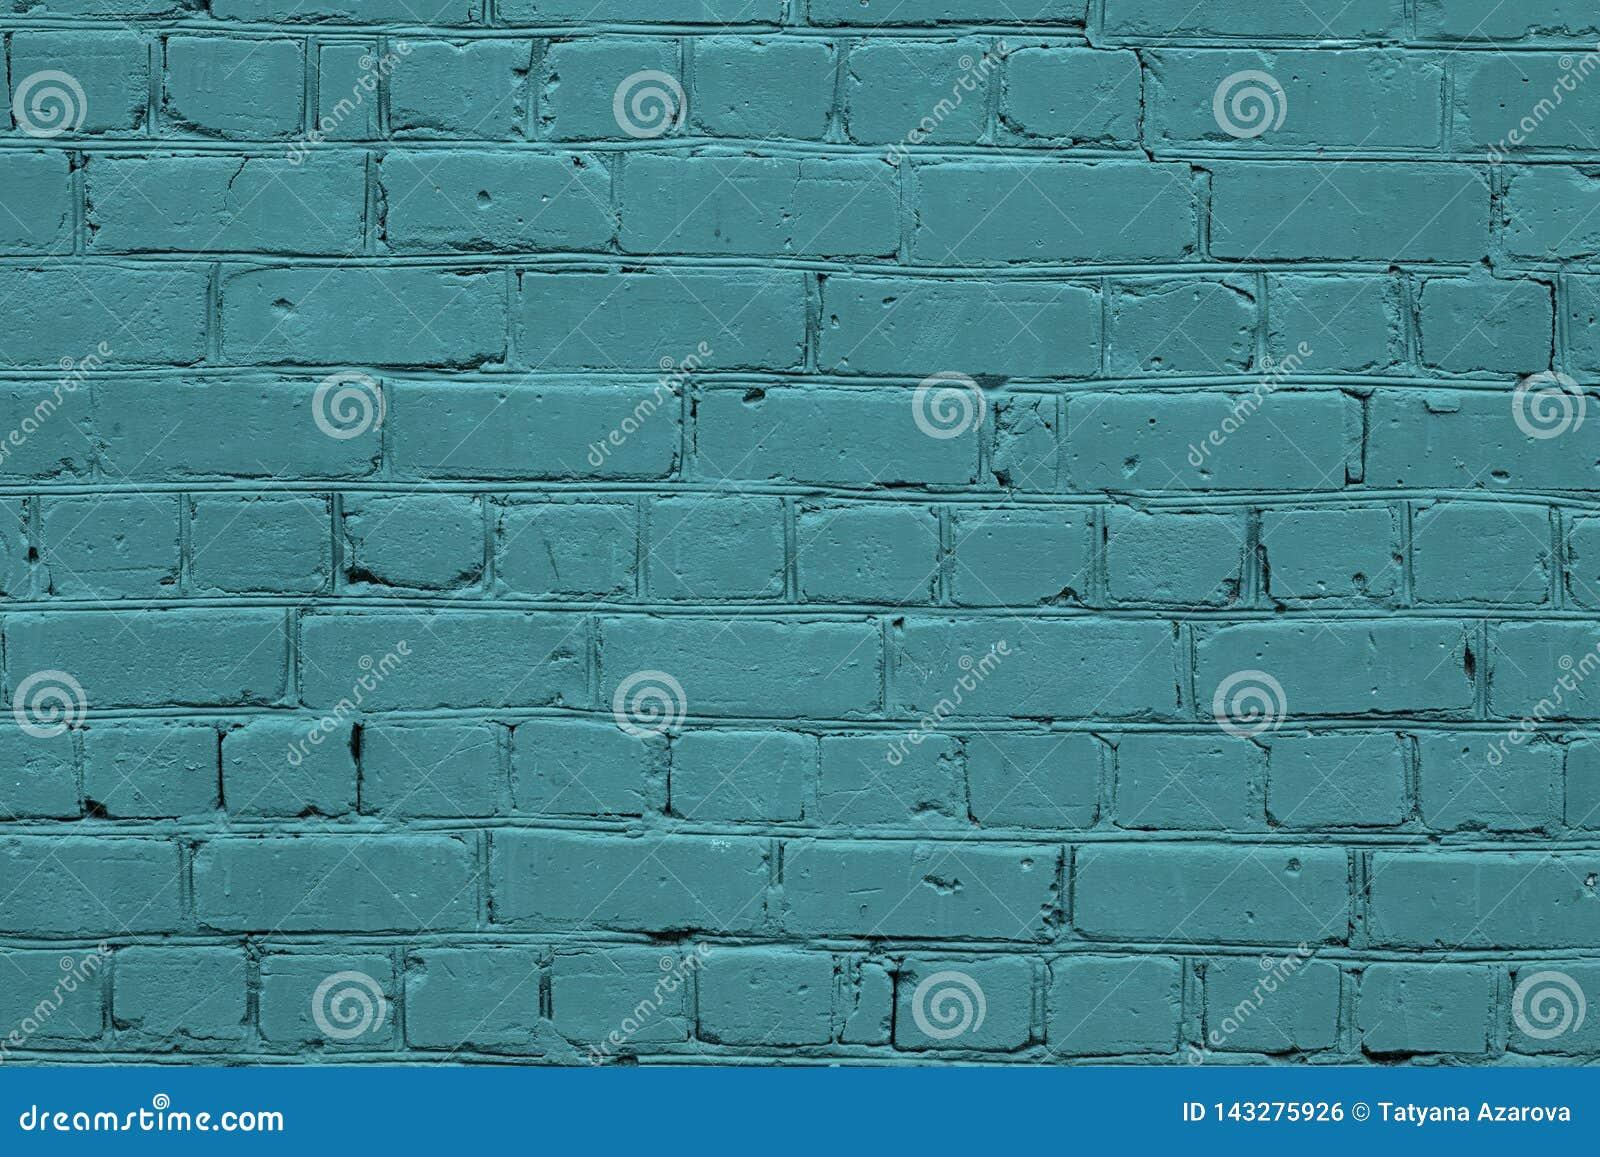 绿松石砖墙的纹理 绿色纹理砖墙 绿松石砖墙纹理背景 蓝宝石背景